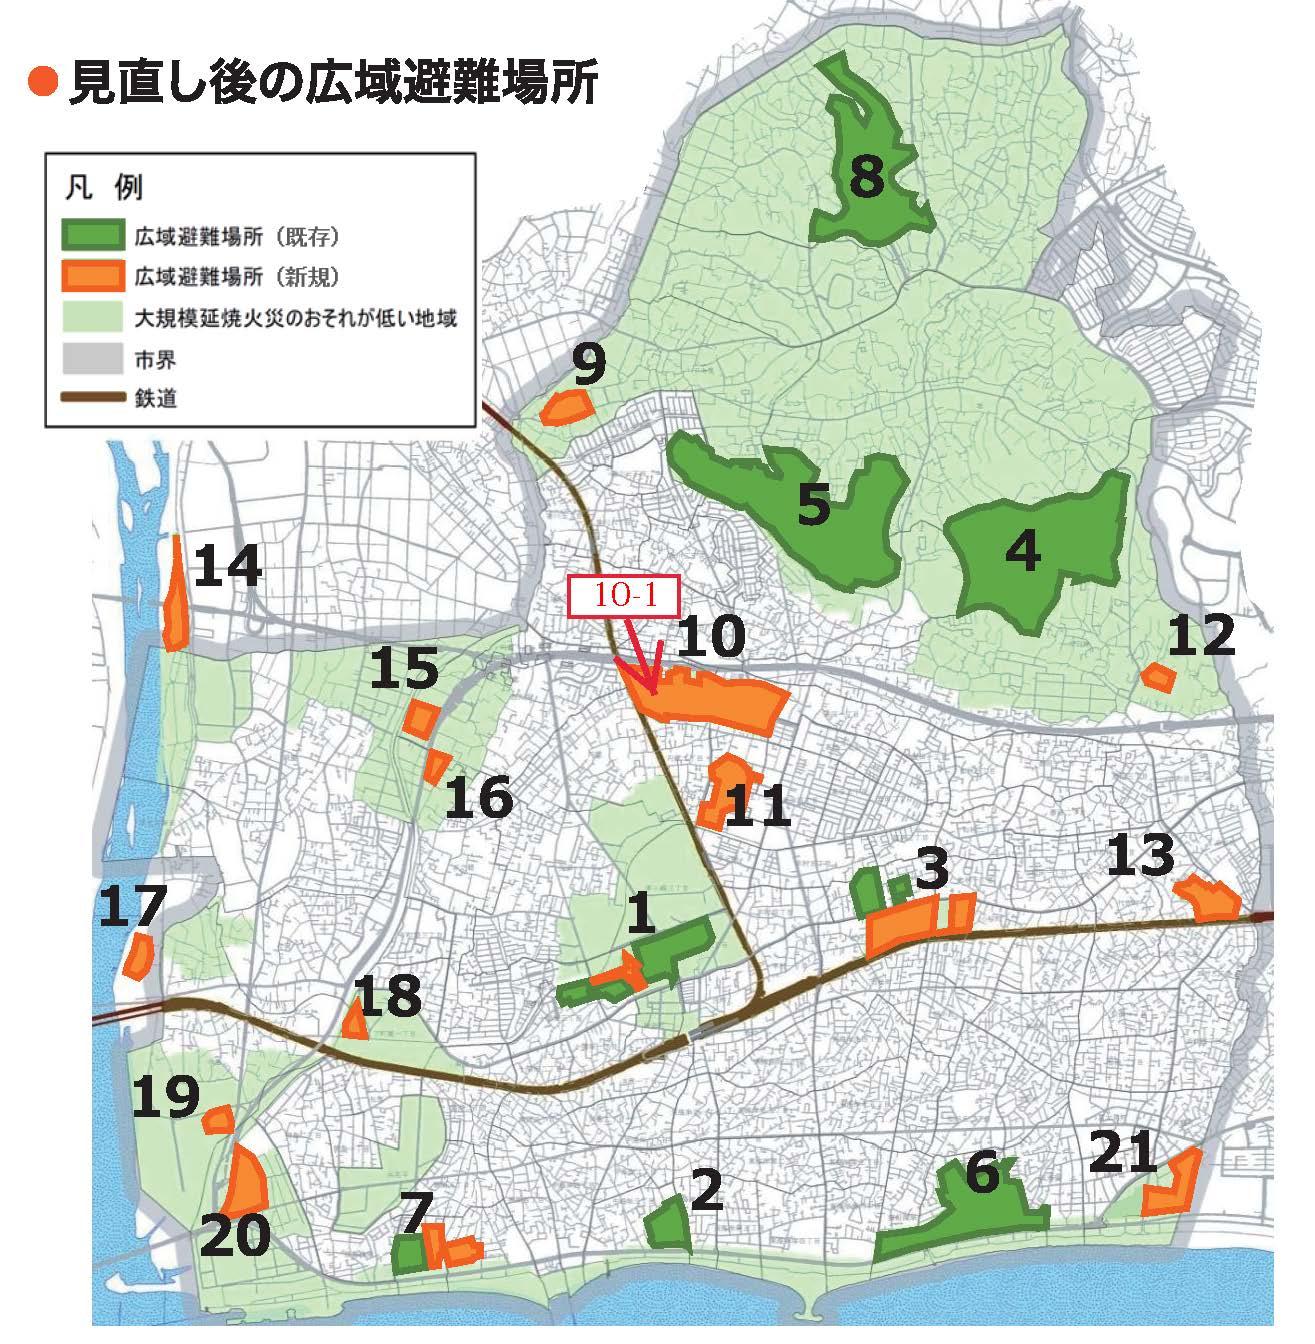 10-1.広域避難場所_茅ヶ崎市地図